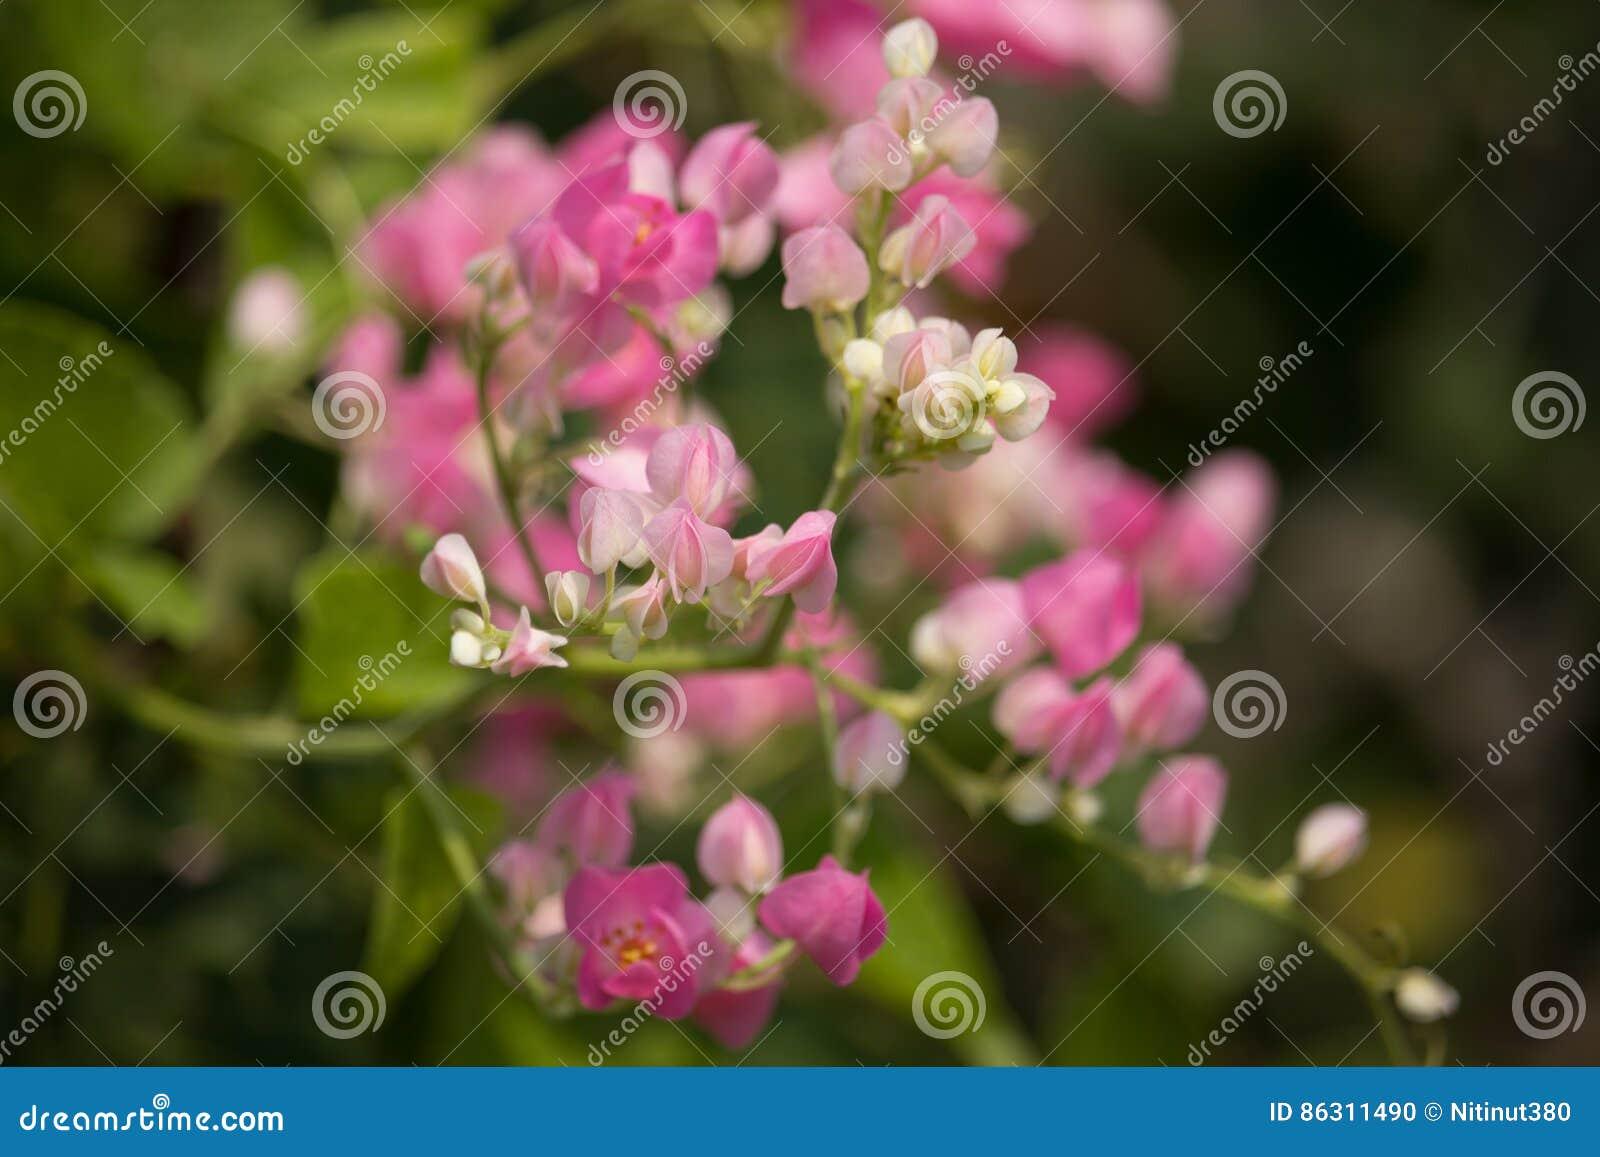 Fleur Mexicaine De Plante Grimpante Fleur Blanche De Petit Melange